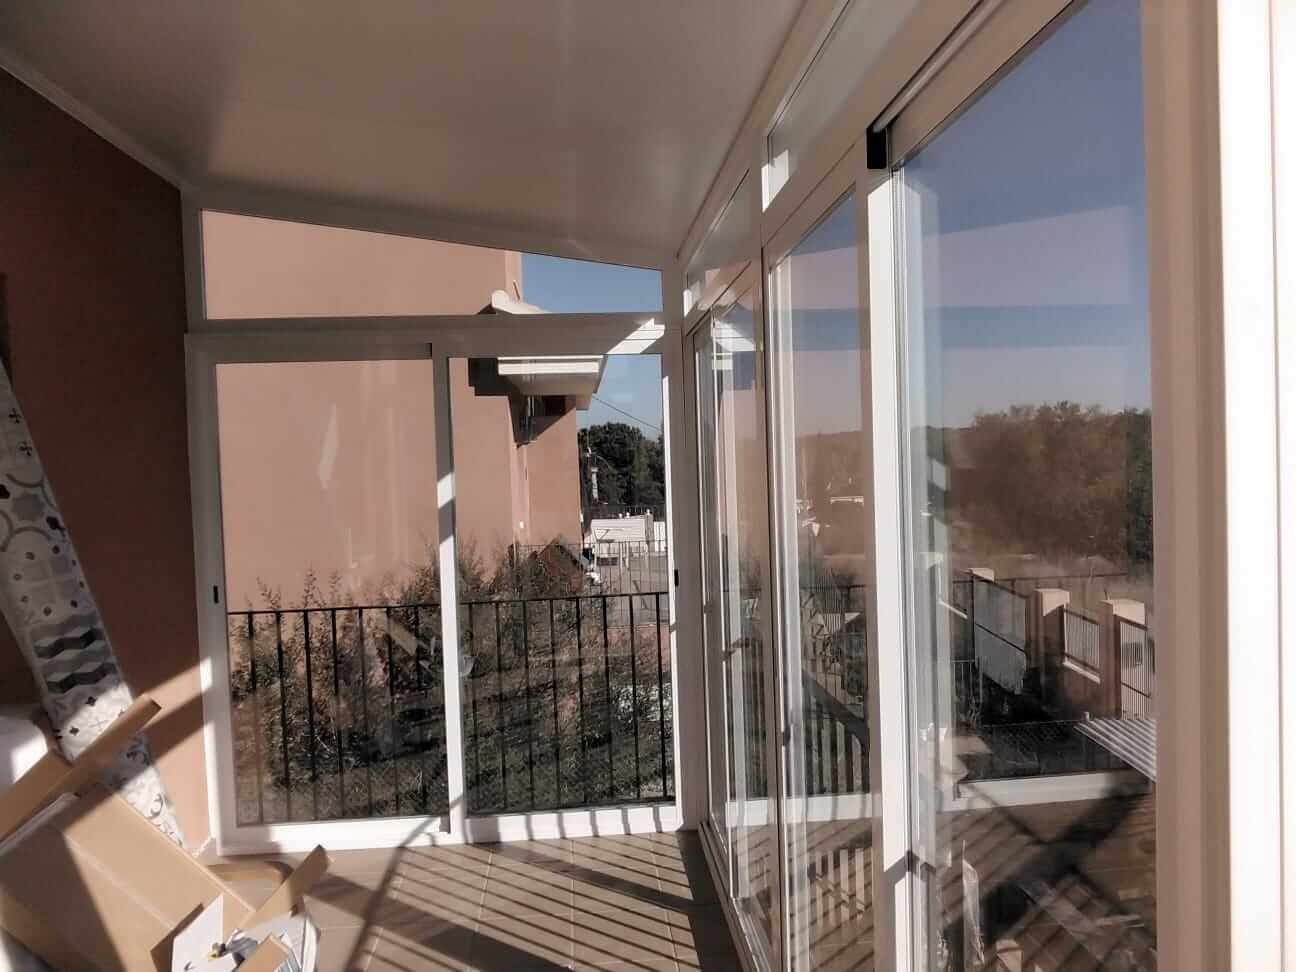 Cerramiento acristalado en balcón exterior. Vista desde el interior de la vivienda